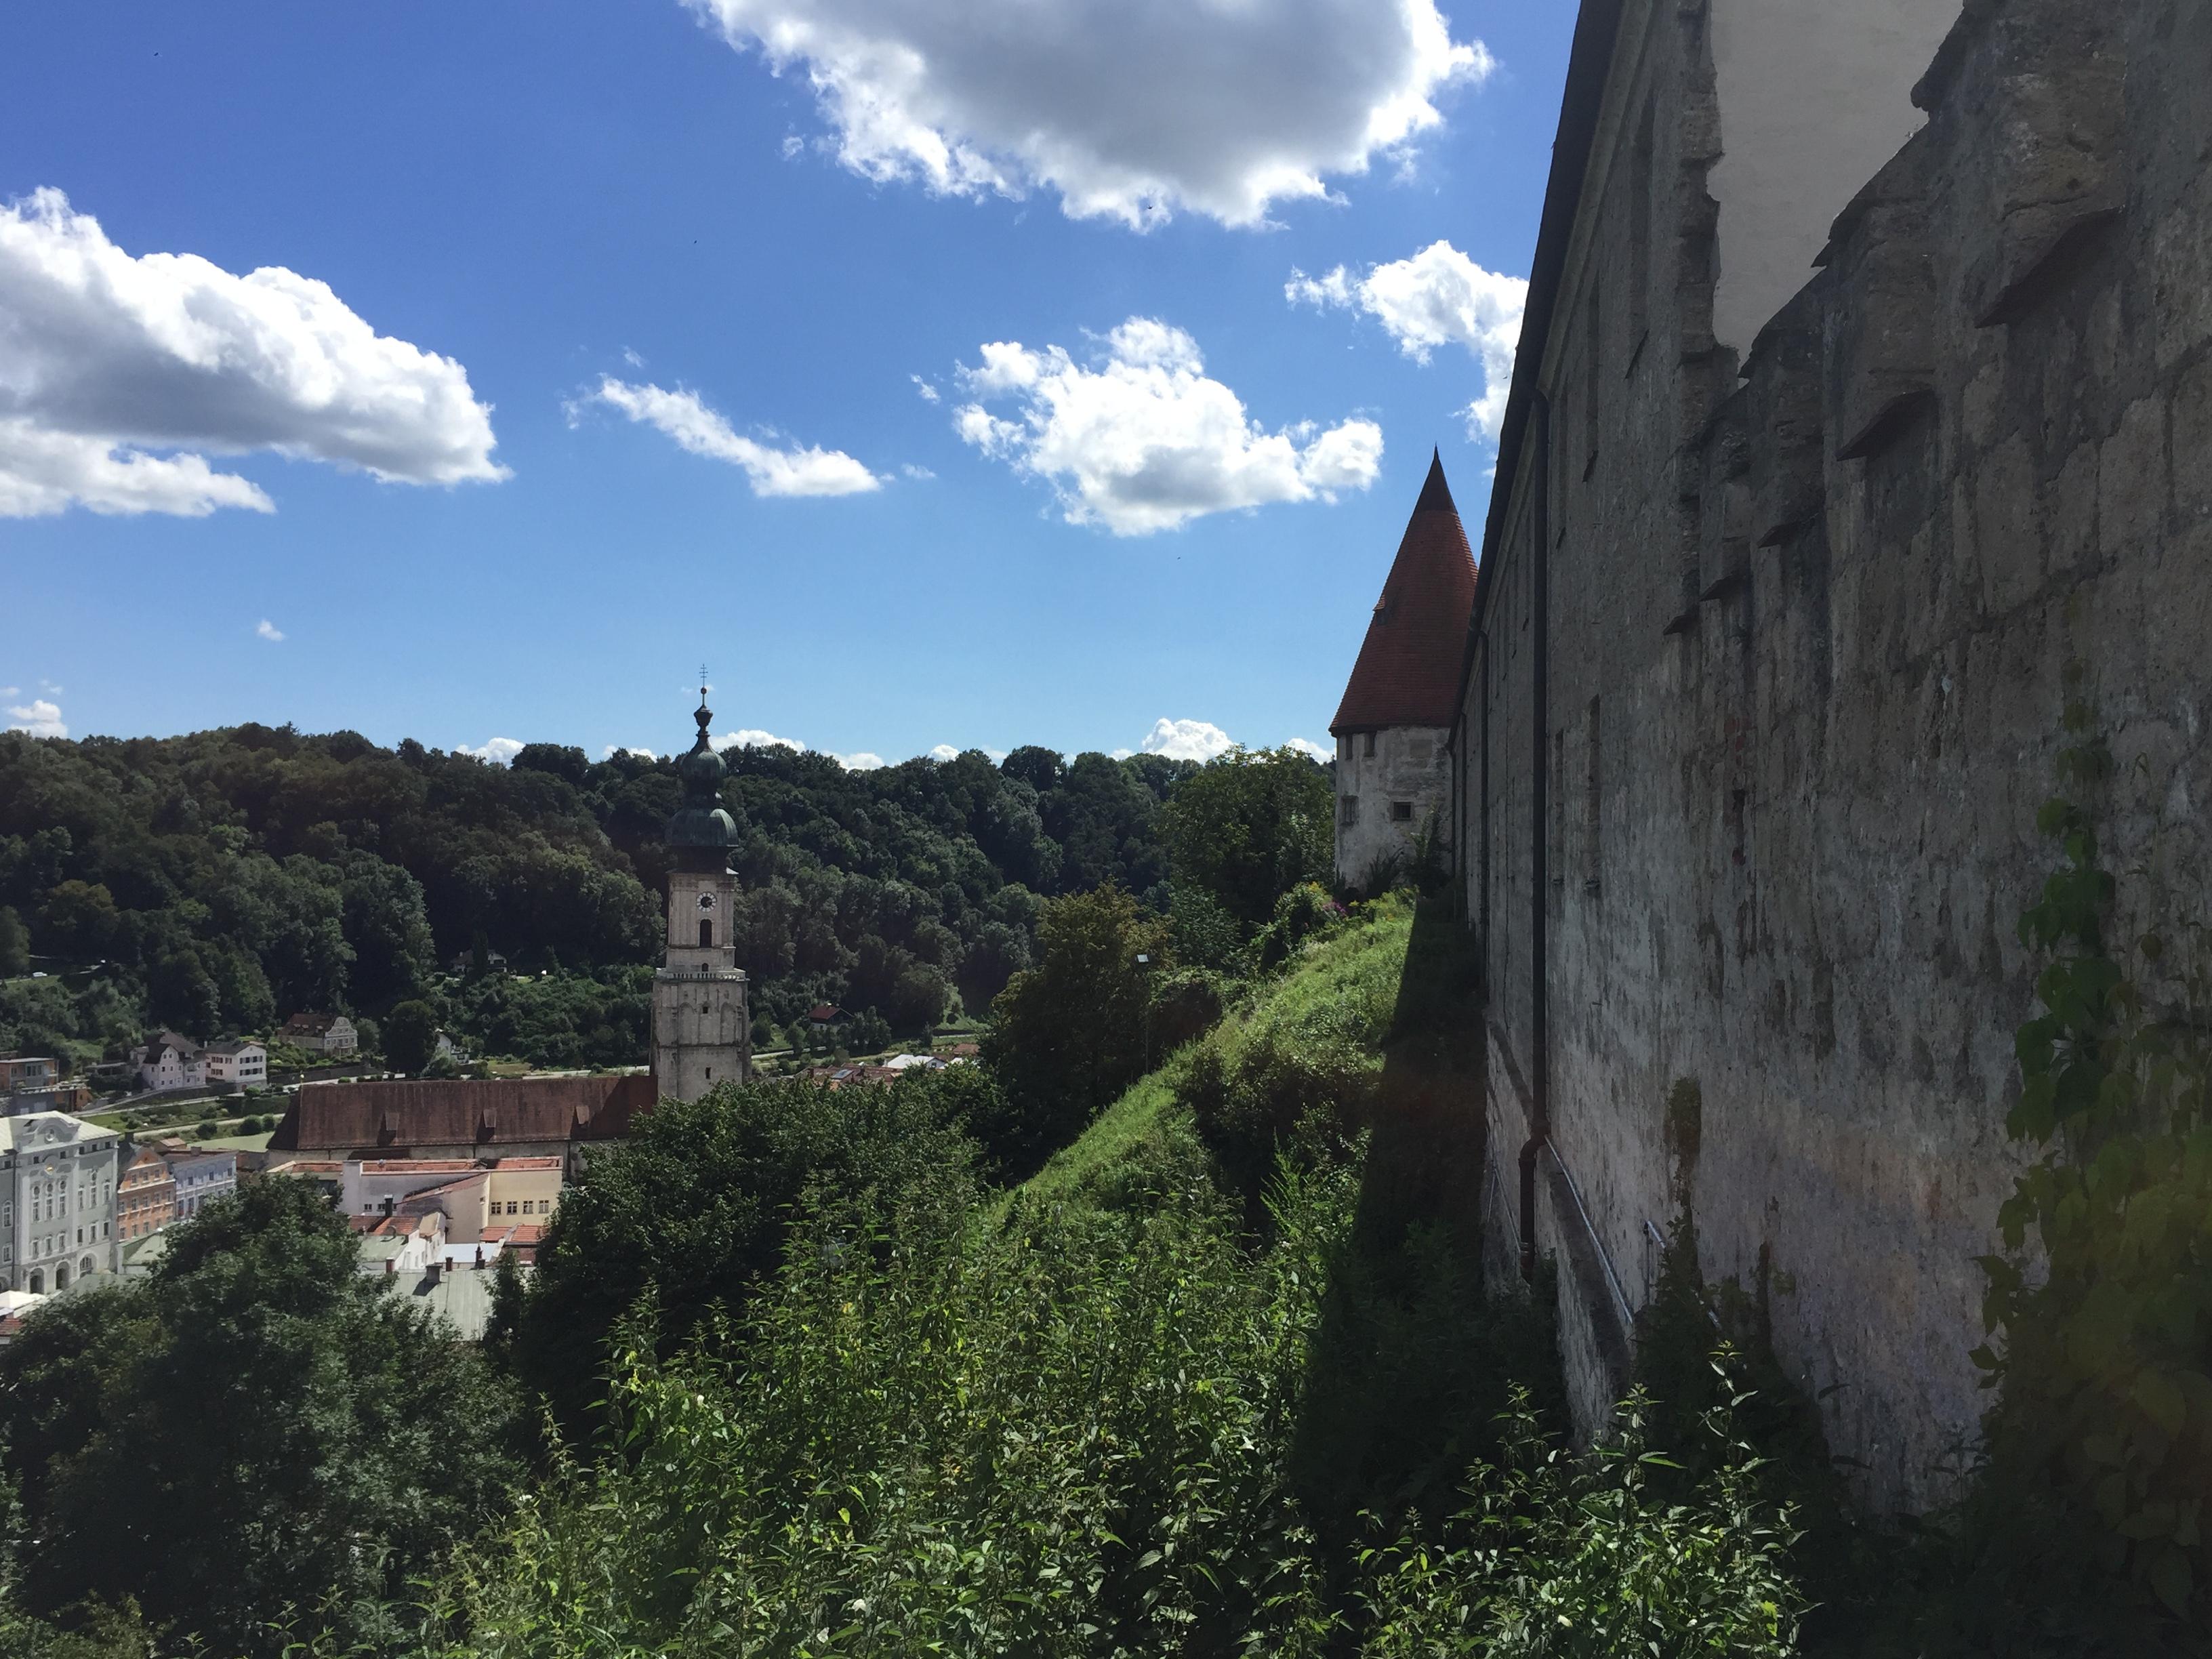 20160813 1 Burghausen (26)